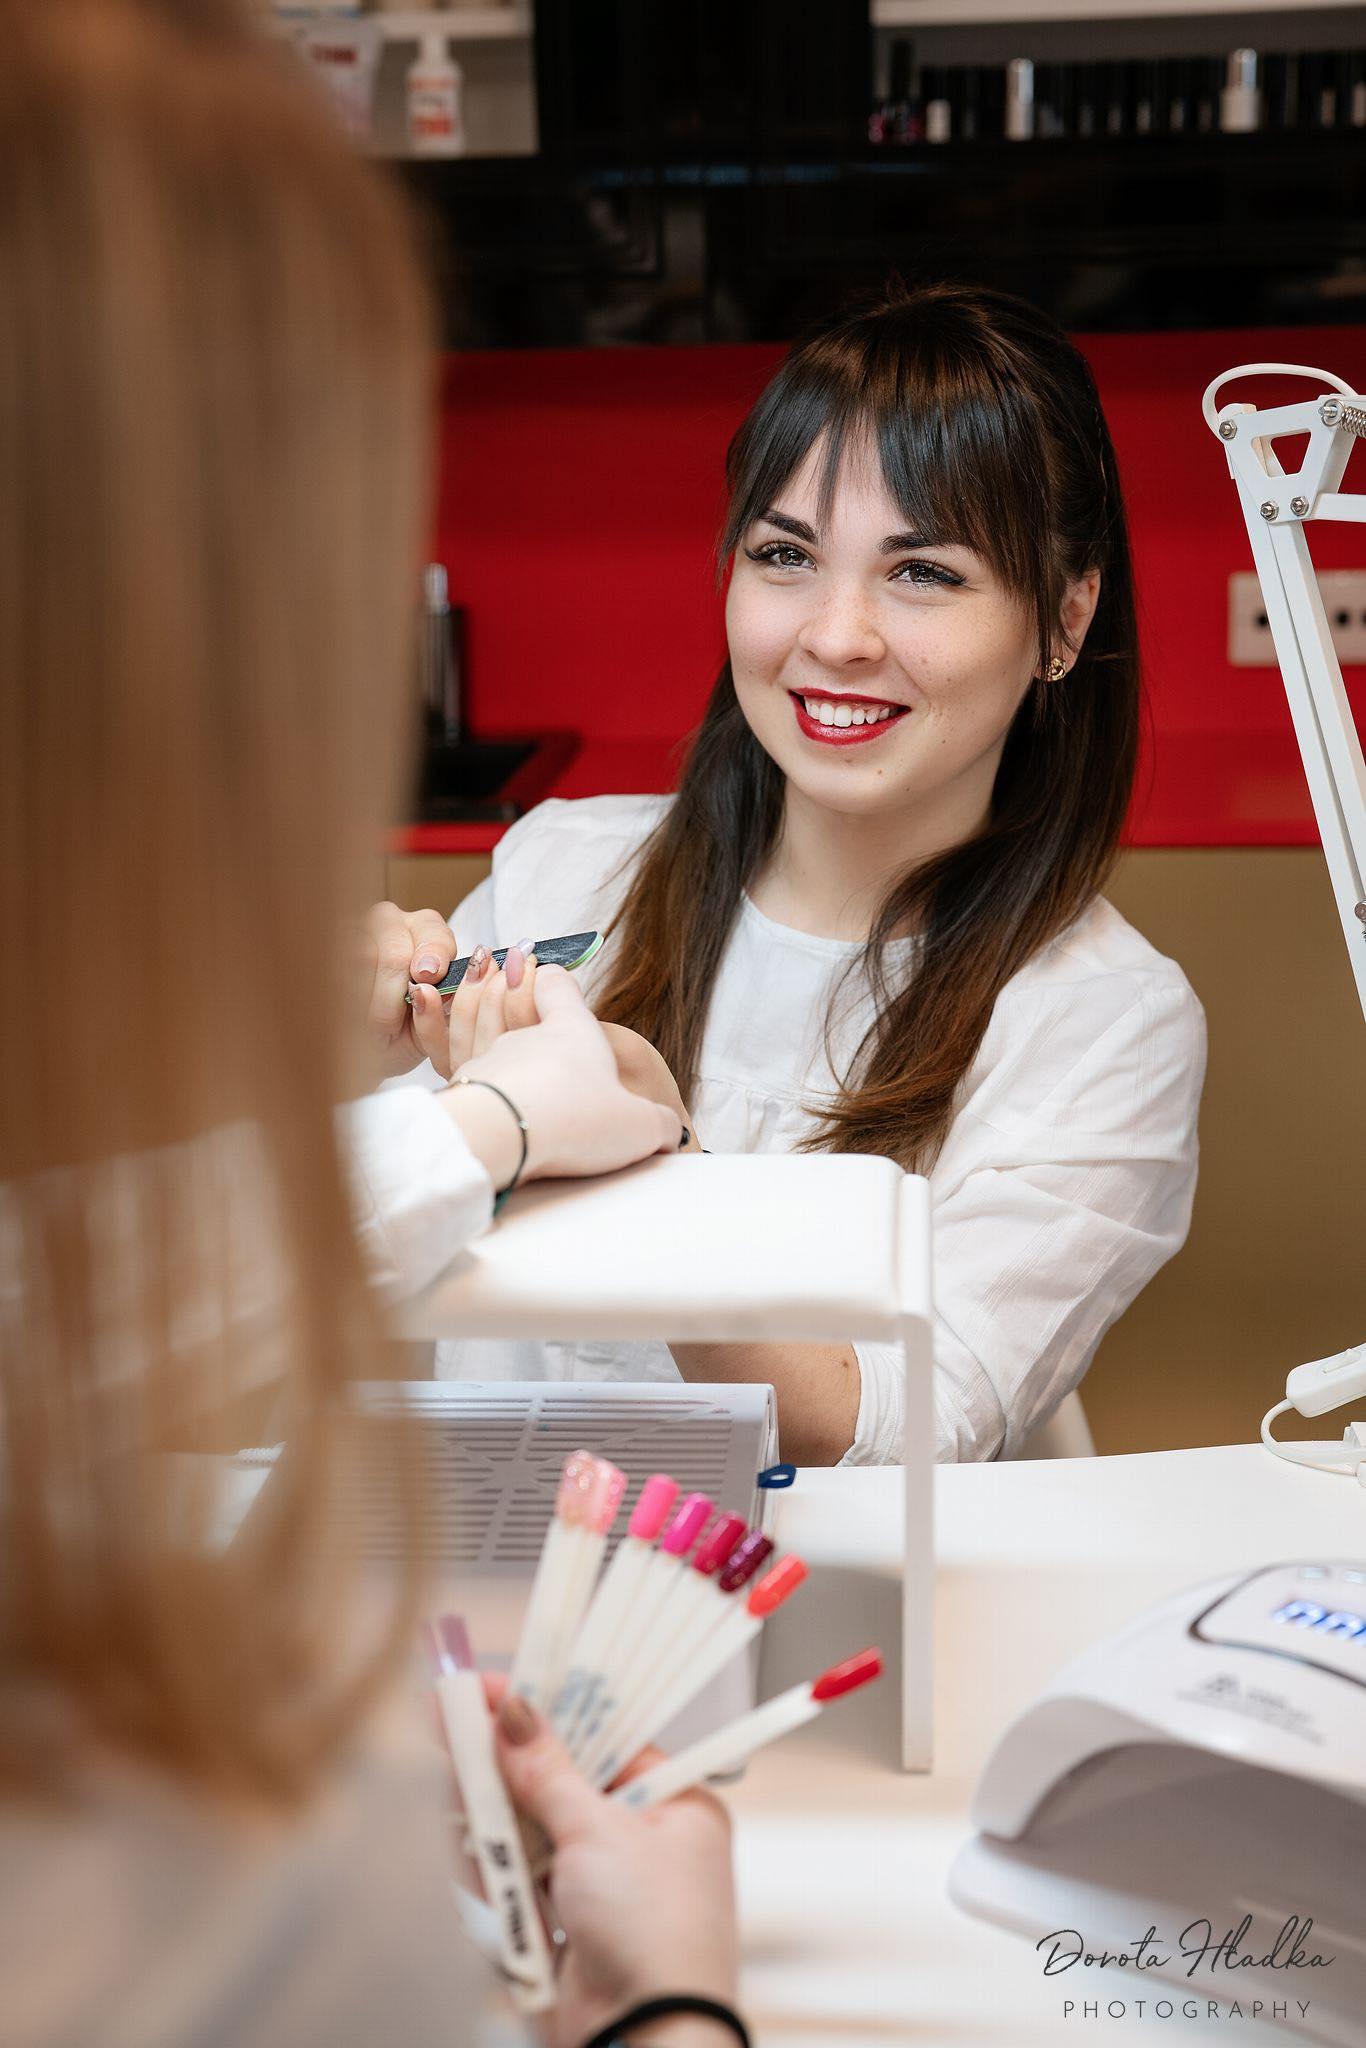 Alina Pelykh